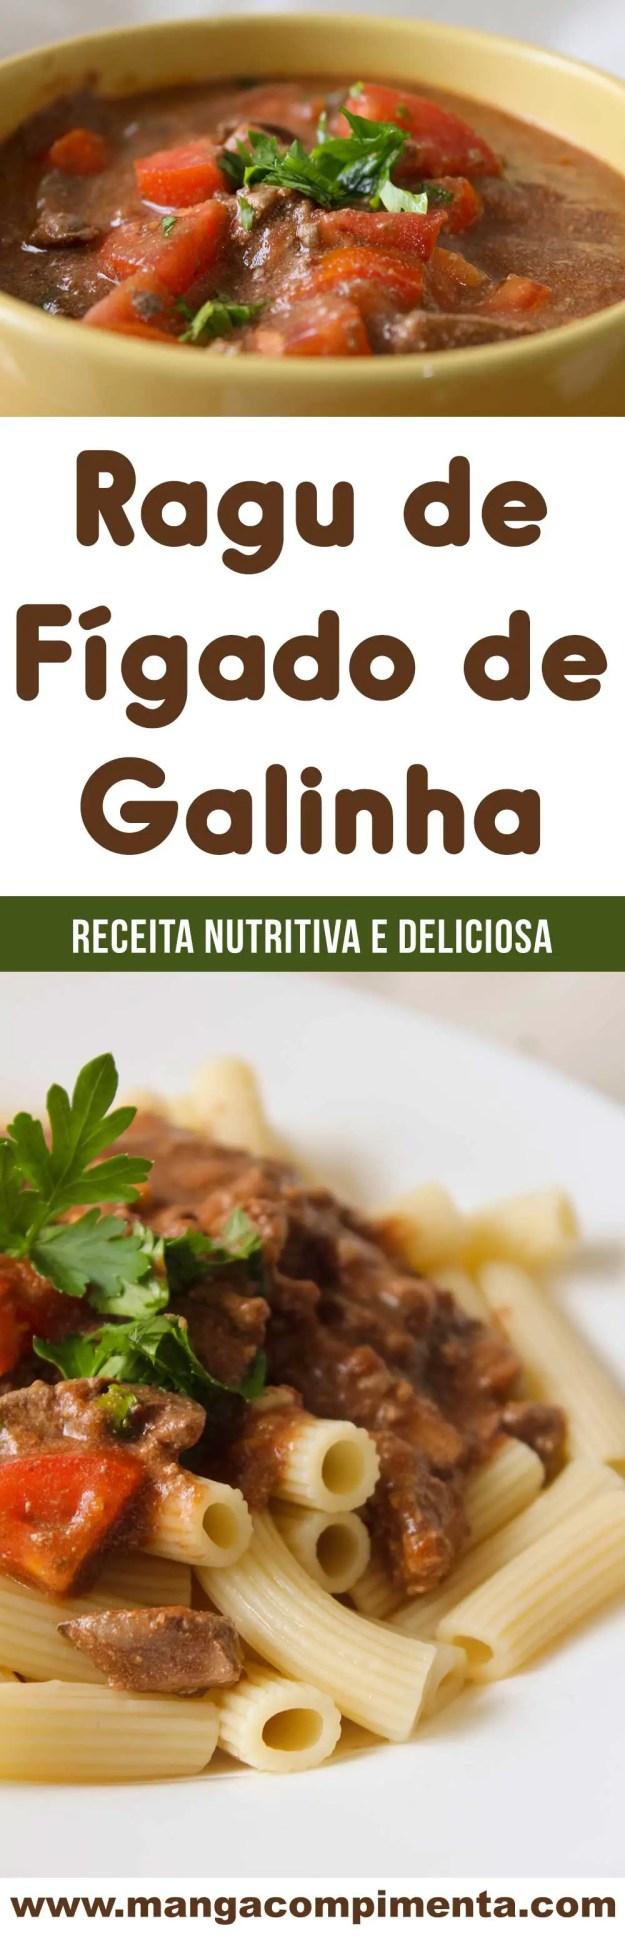 Receita de Ragu de Fígado de Galinha - um prato caseiro, econômico, nutritivo e delicioso para o almoço ou jantar!